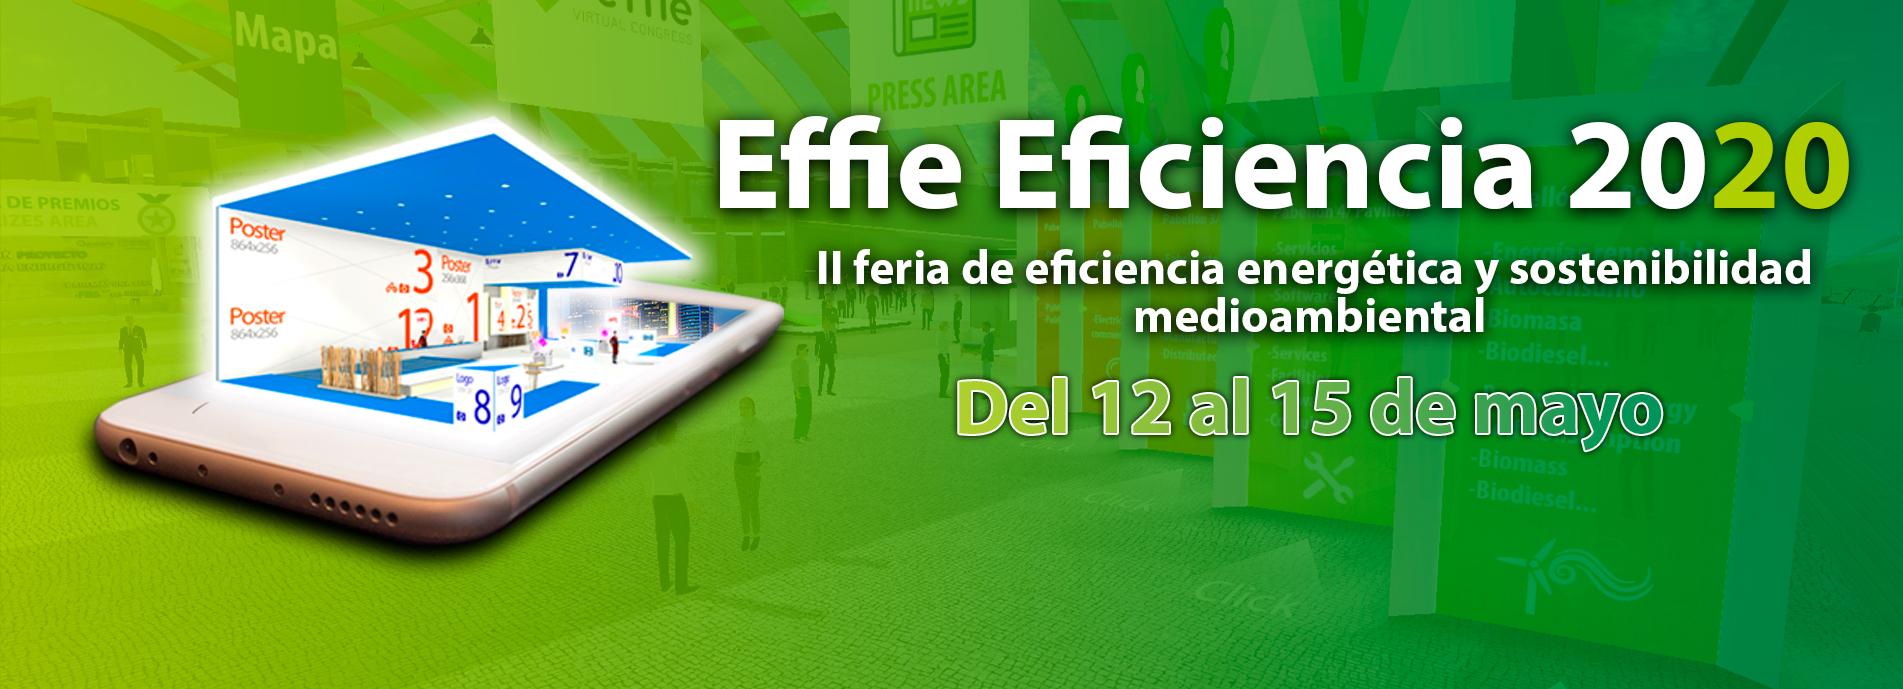 Effie Eficiencia - II Feria de Eficiencia y Sostenibilidad Medioambiental